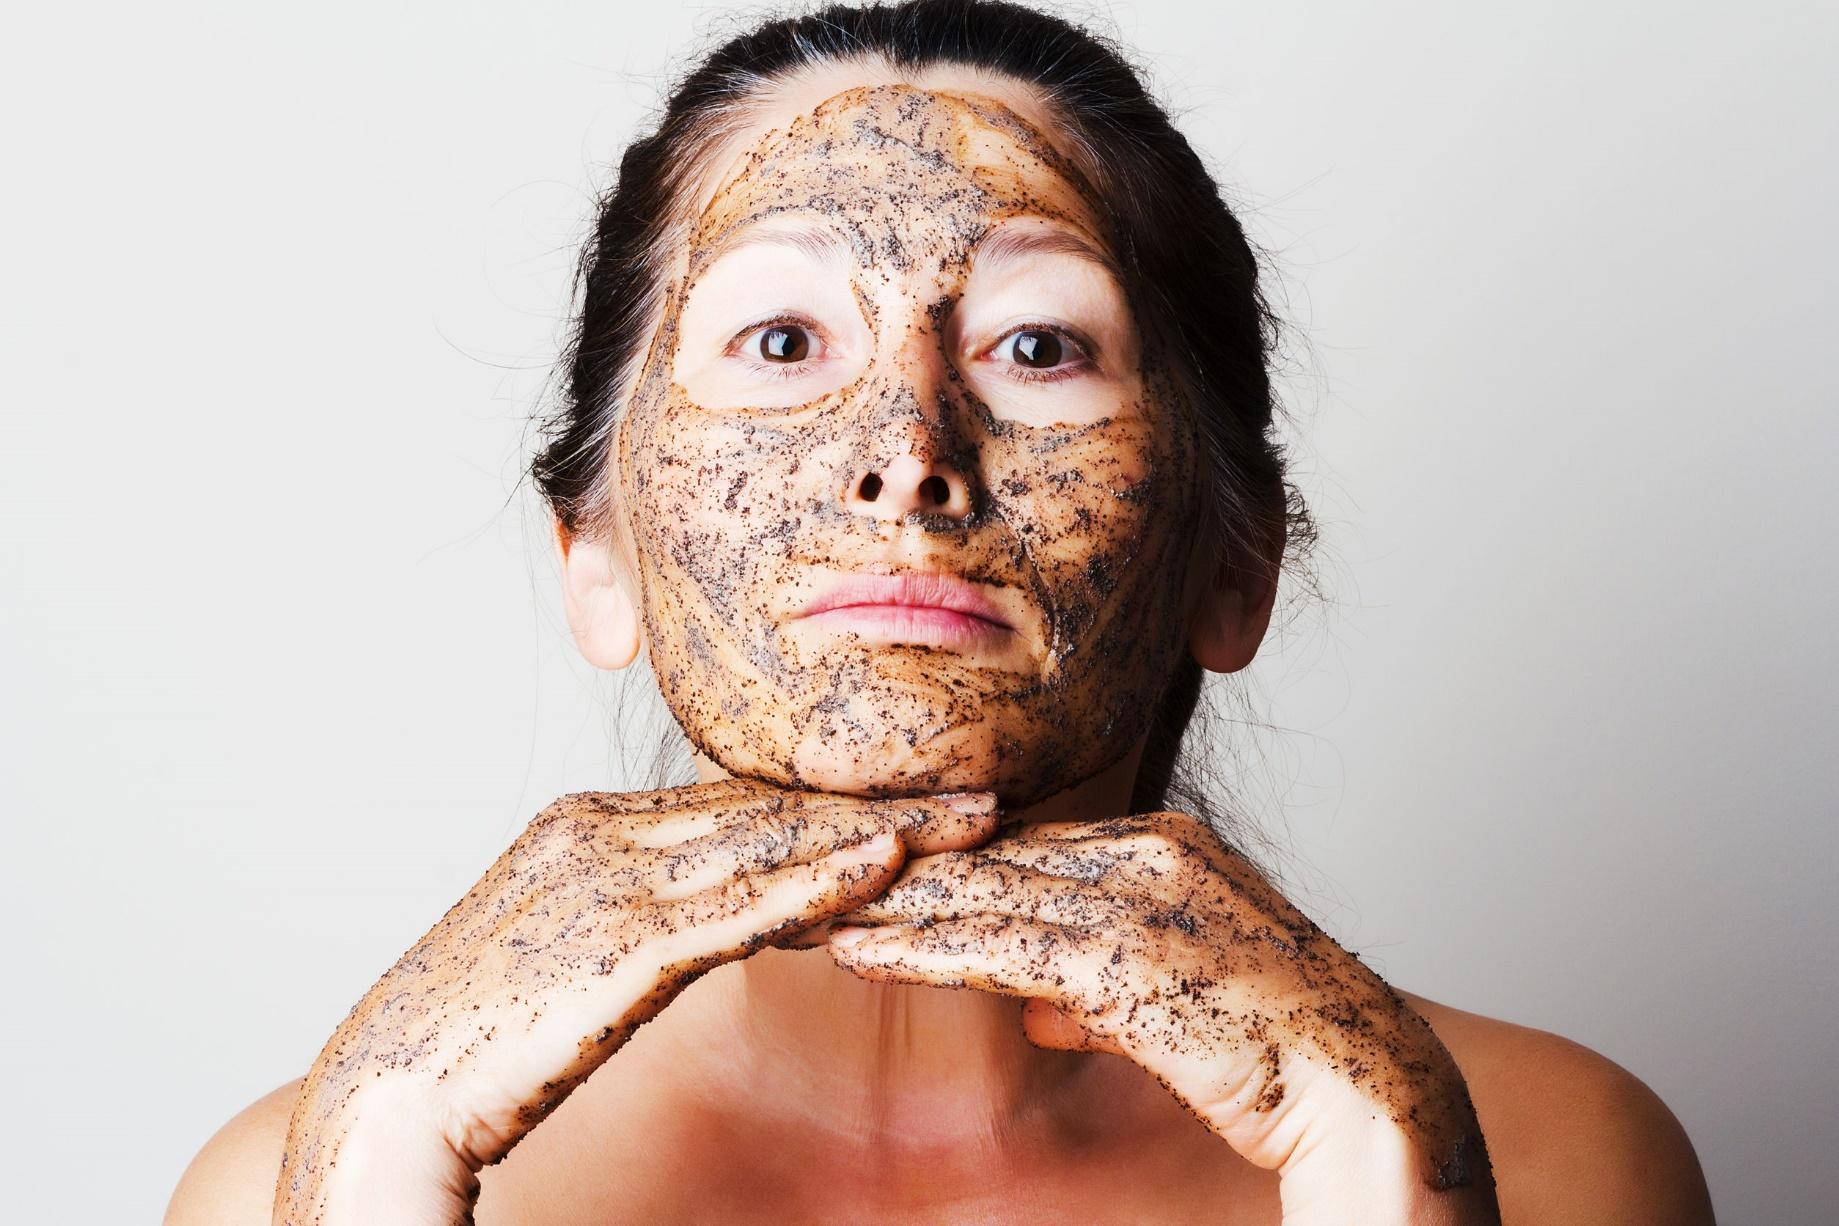 Công thức mặt nạ cà phê 'toàn năng' giúp da luôn tươi sáng, khỏe mạnh - Ảnh 7